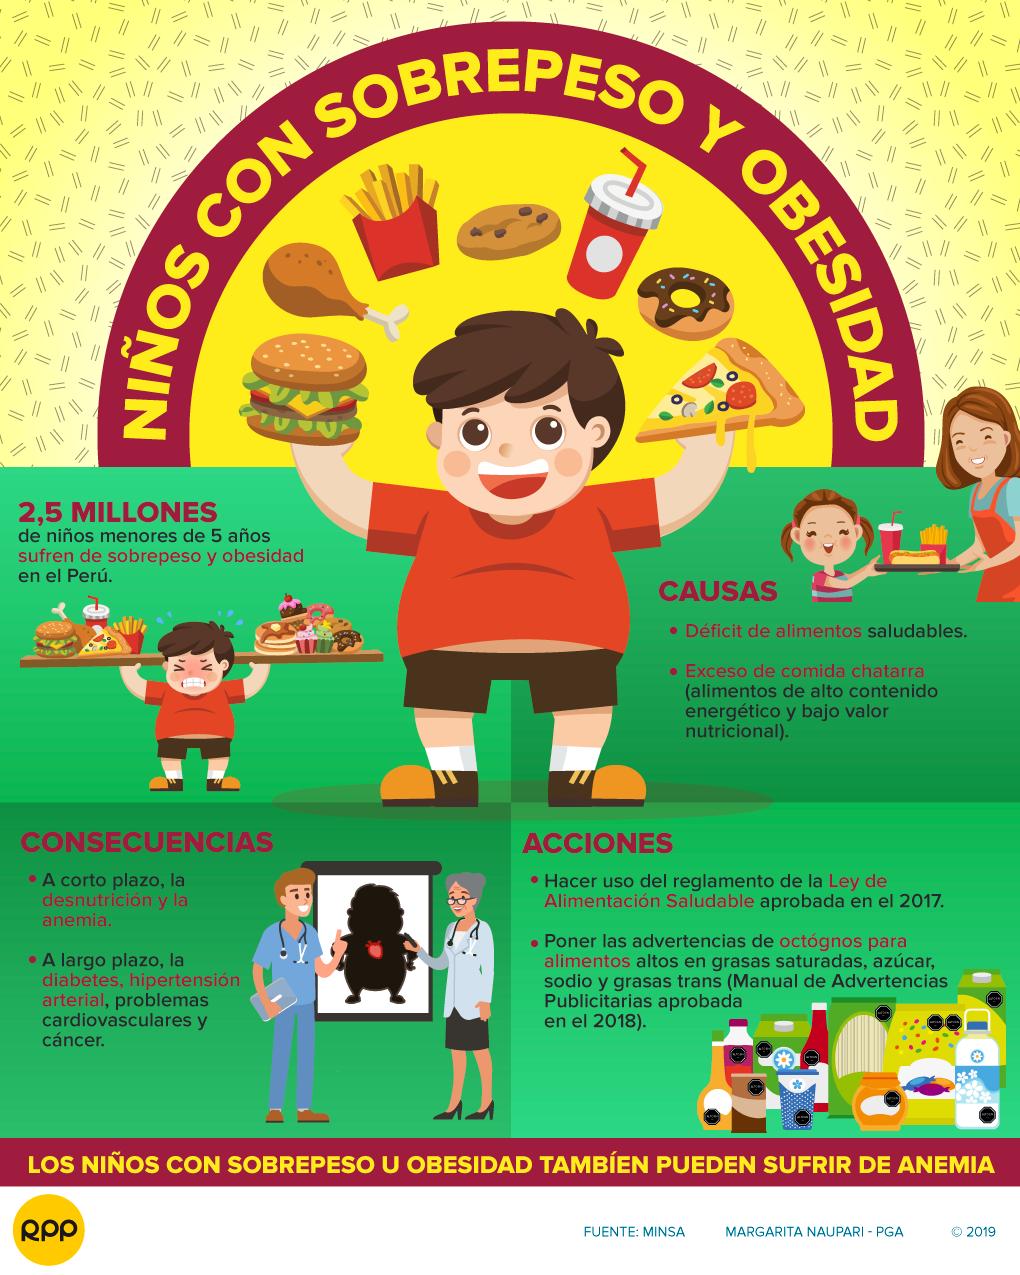 Minsa: Más de 2 millones de niños sufren de obesidad y sobrepeso en el Perú